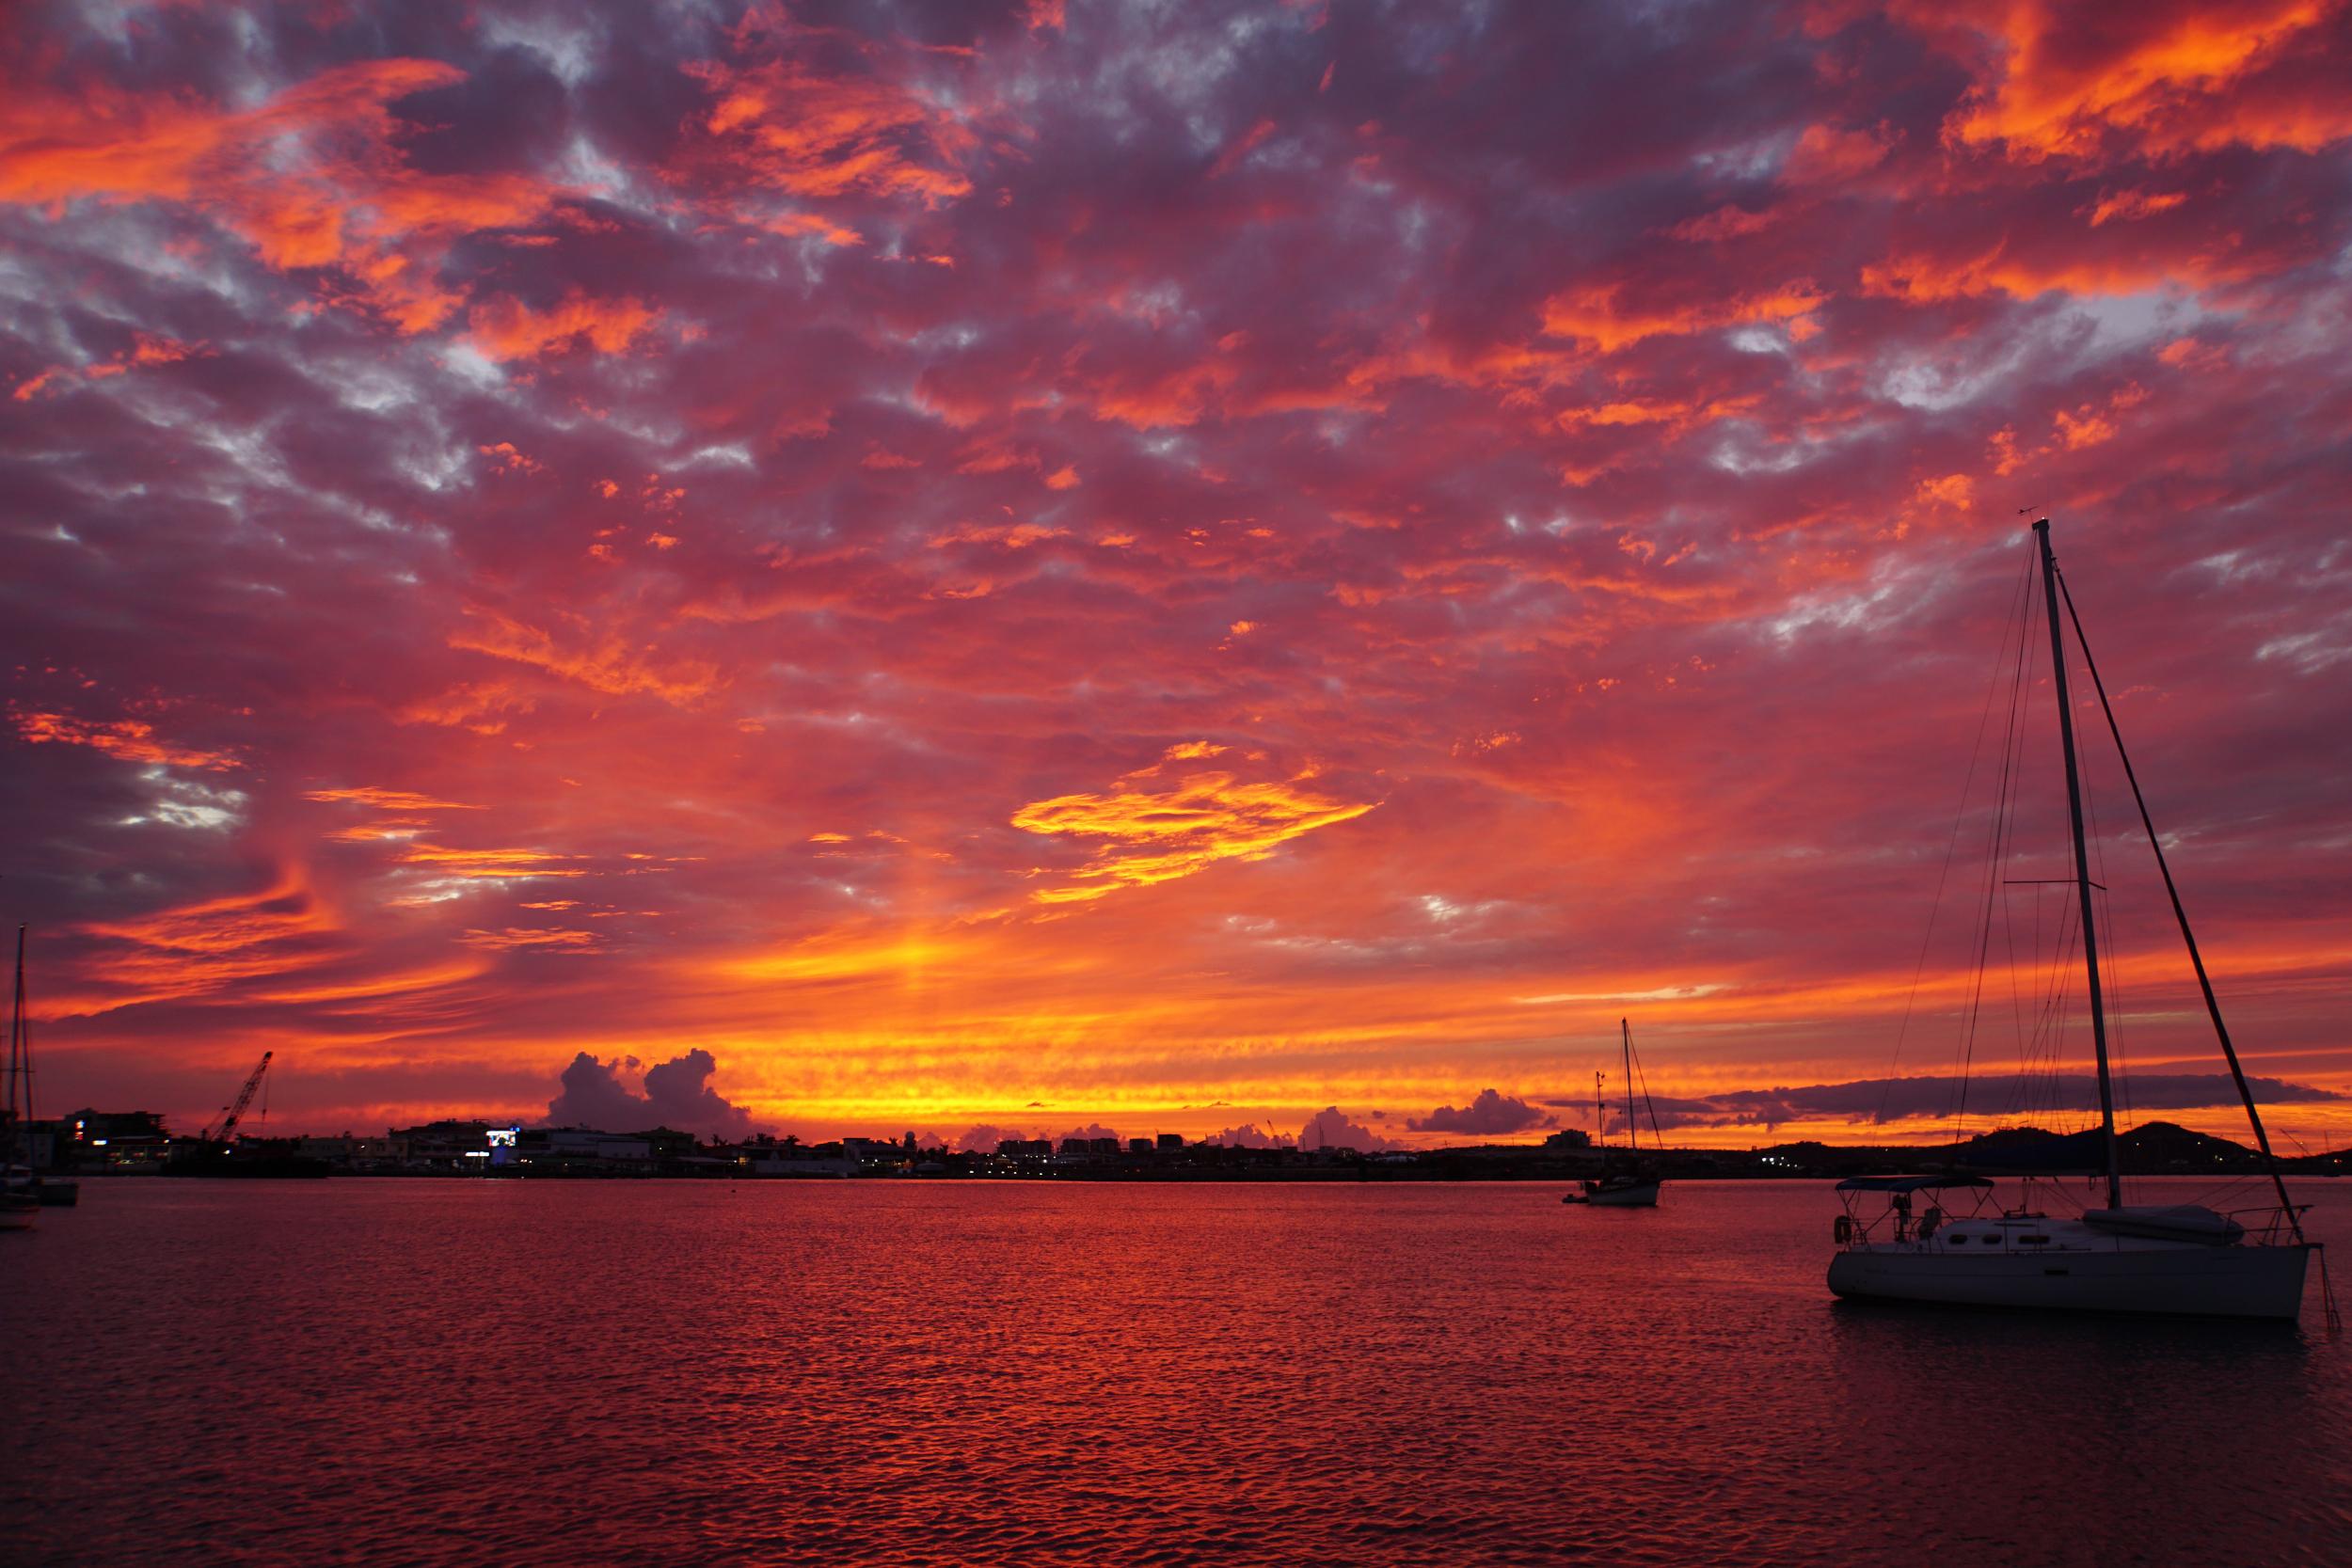 14. Sunset in the lagoon, St Martin